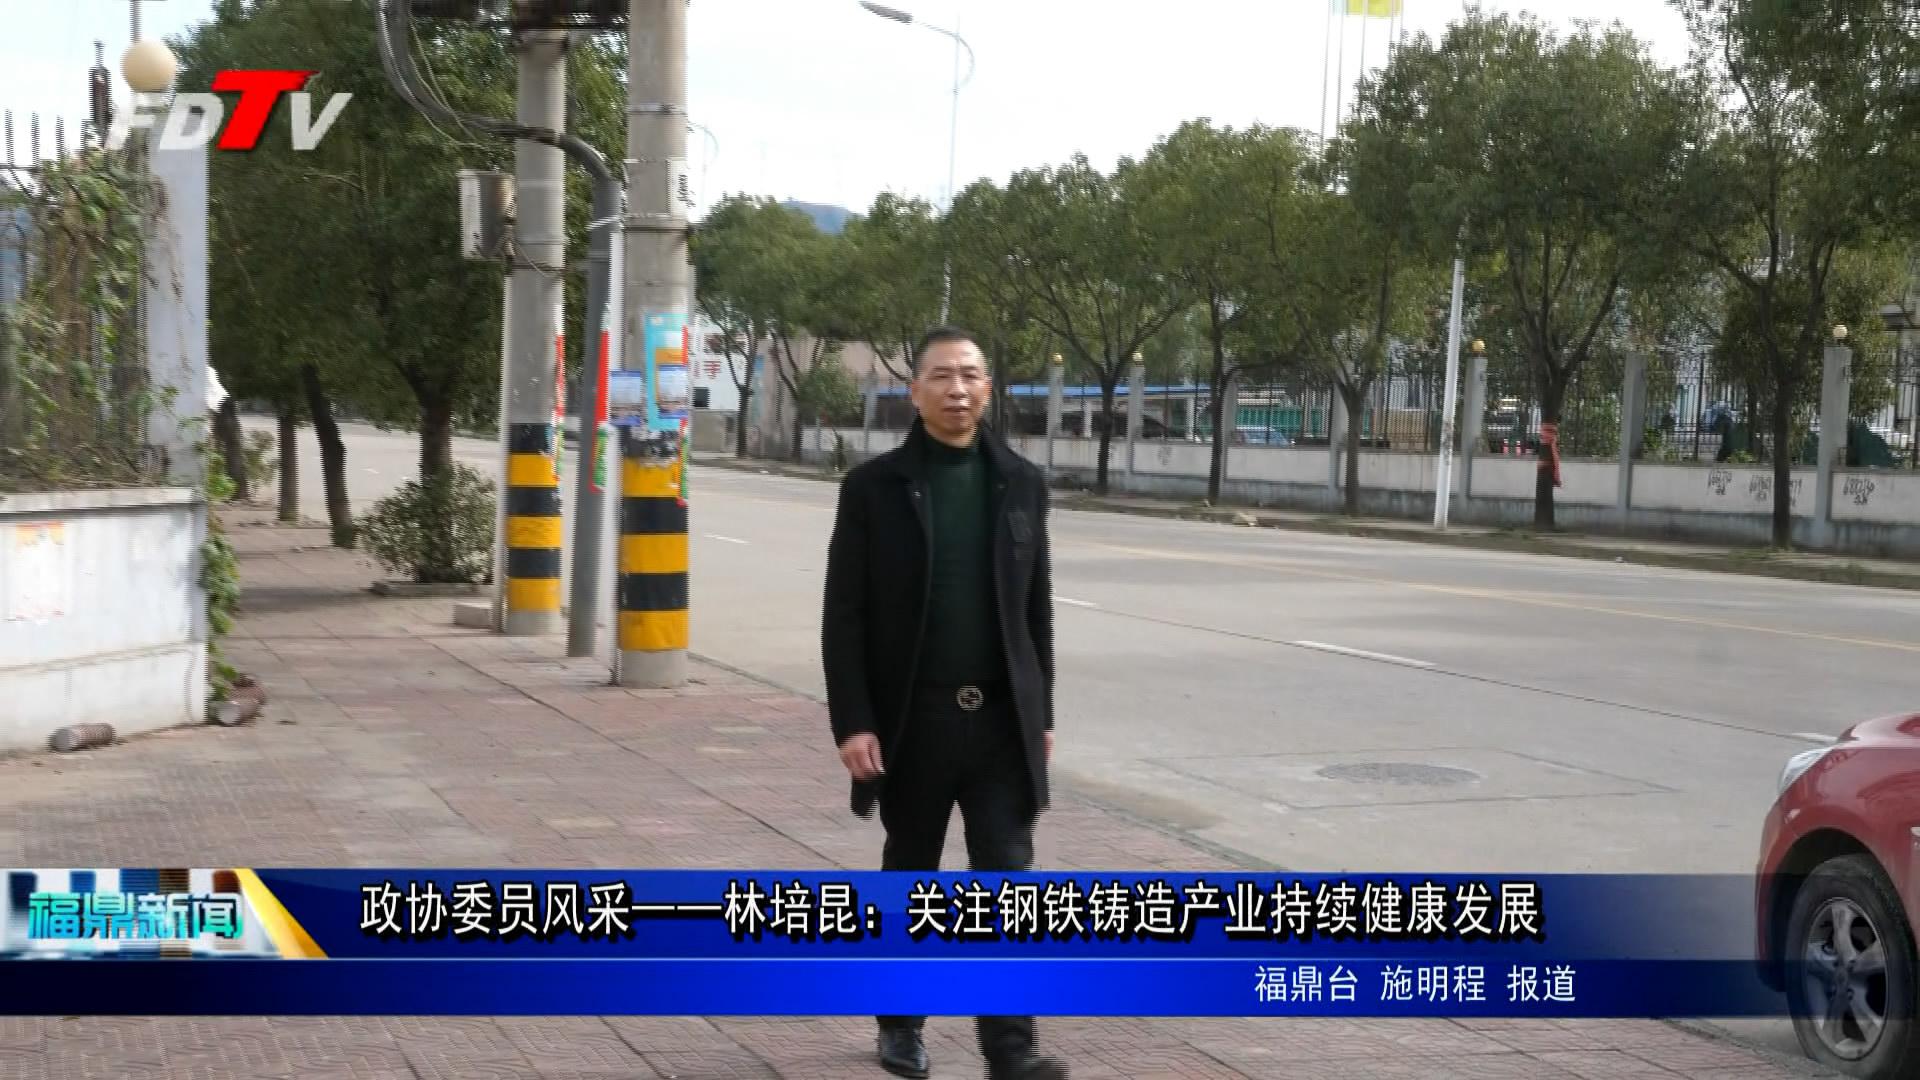 政协委员风范—— 林培昆:存眷钢铁铸造财产连续康健生长